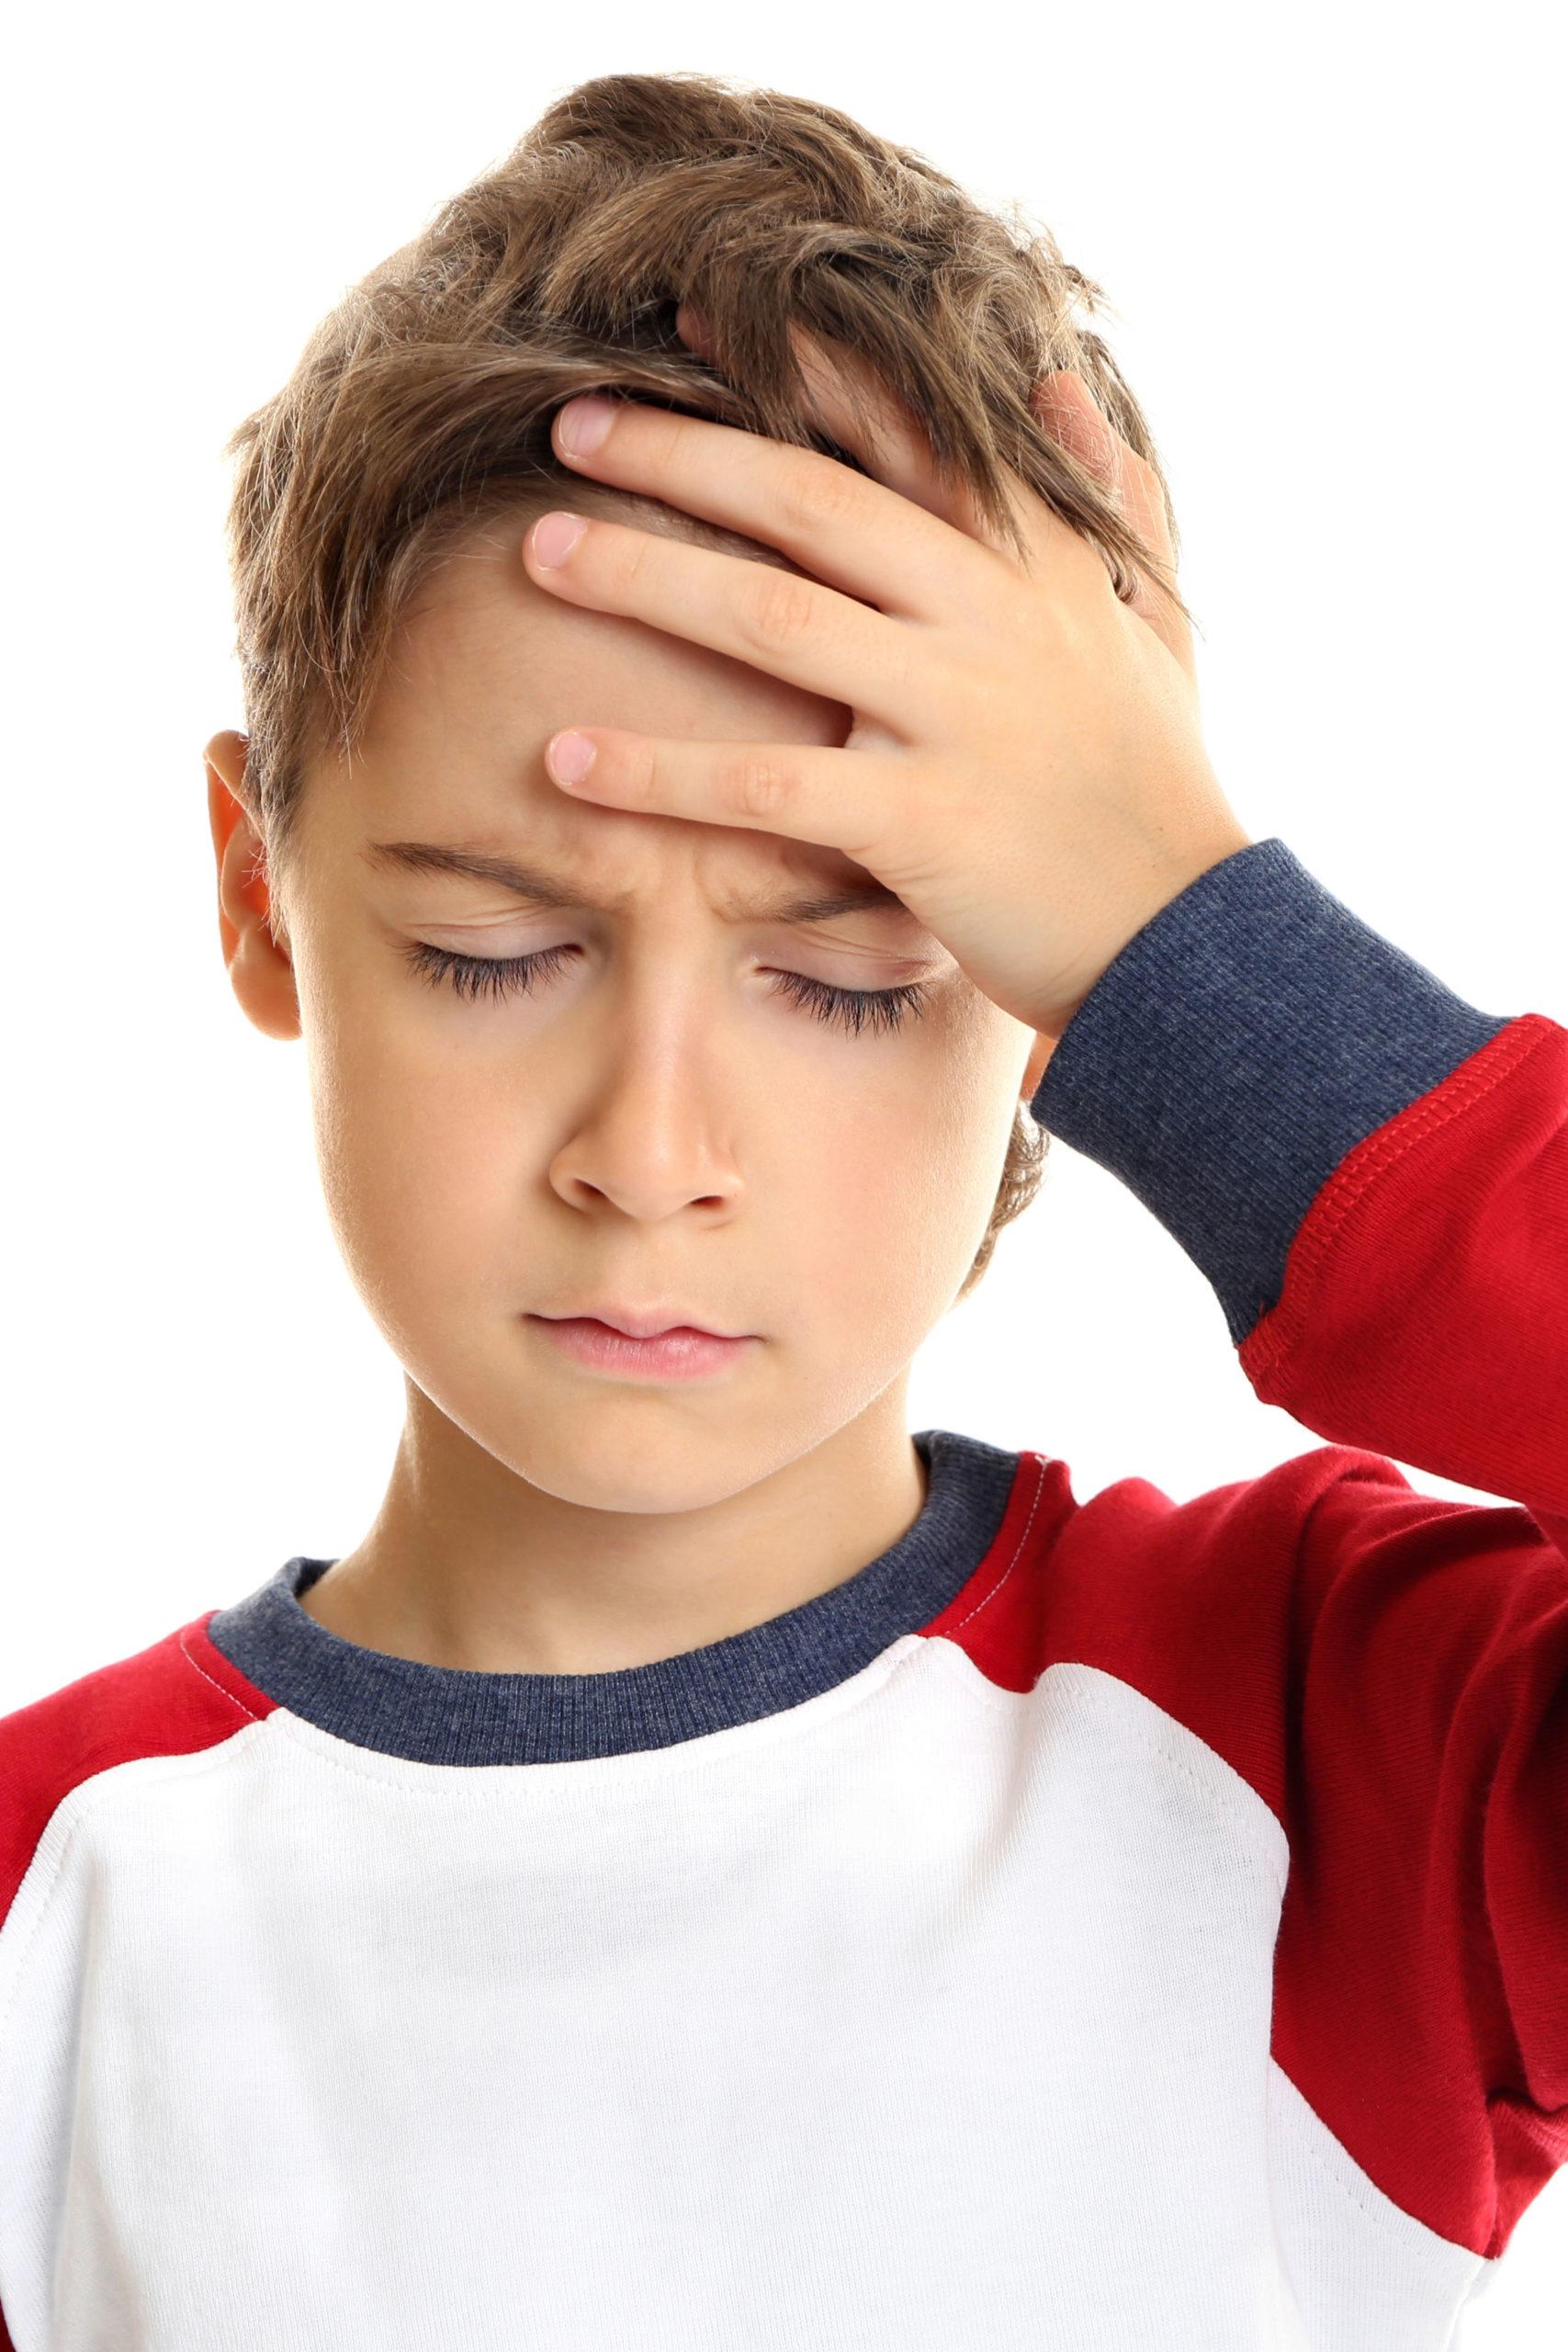 Junge hat Kopfschmerzen bei Migräne